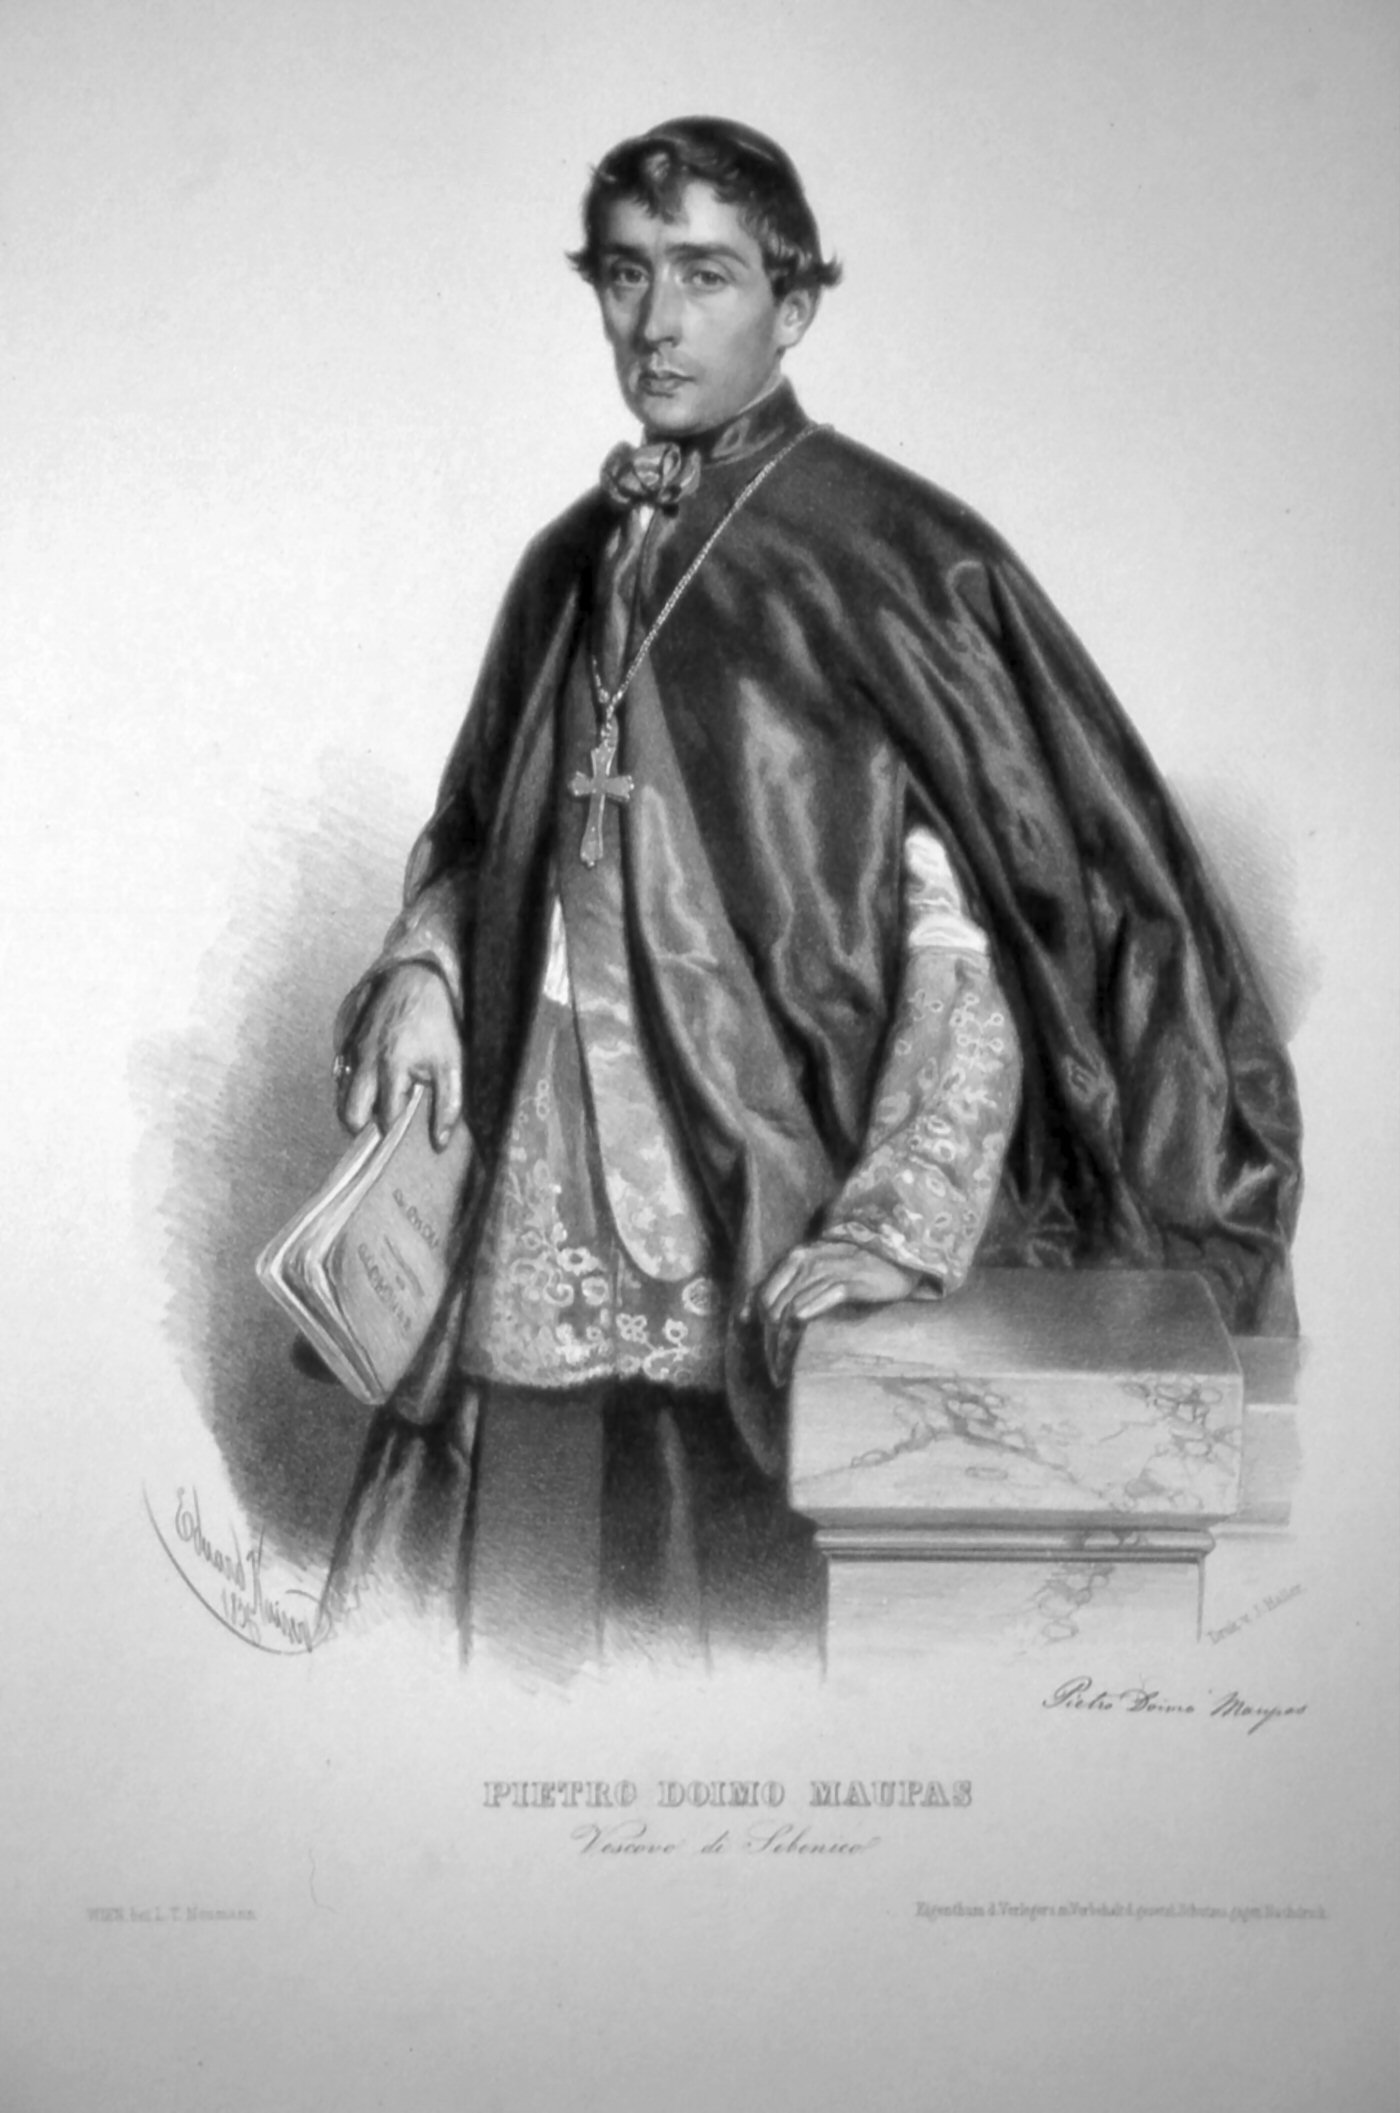 File:Pietro Doimo Maupas Litho.jpg - Wikimedia Commons